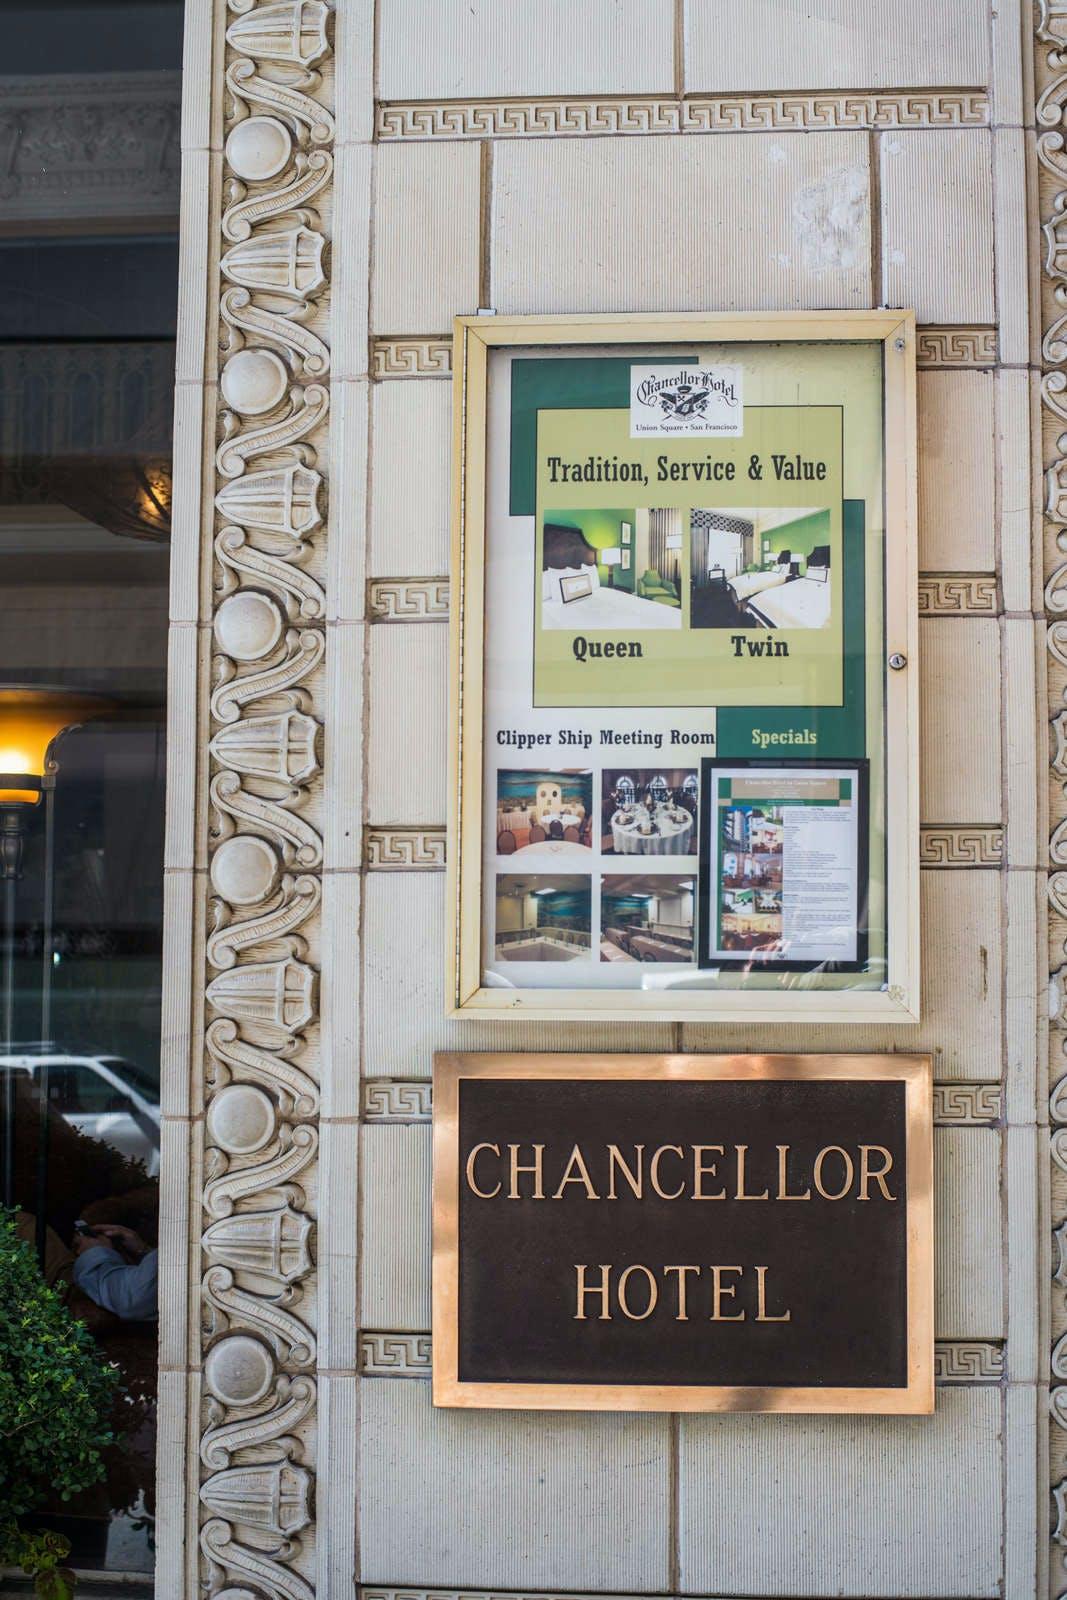 Chancellor Hotel